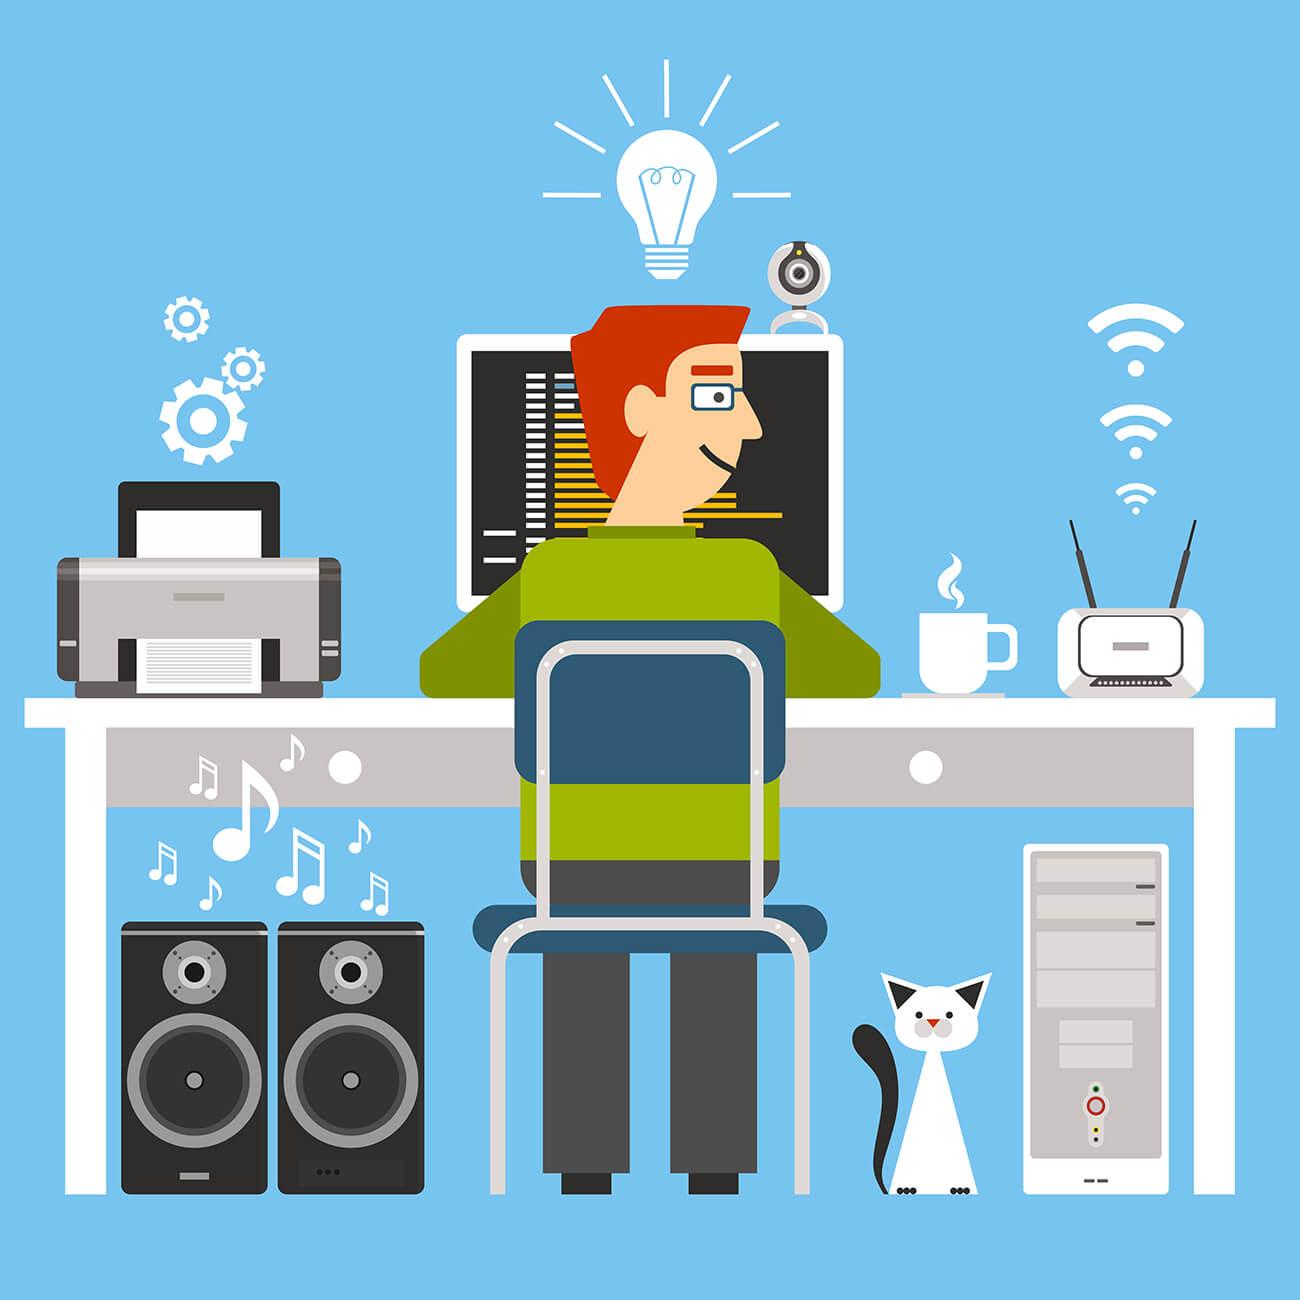 【転職】未経験でもWordPress制作でWEB系企業に転職できます【方法と注意点】